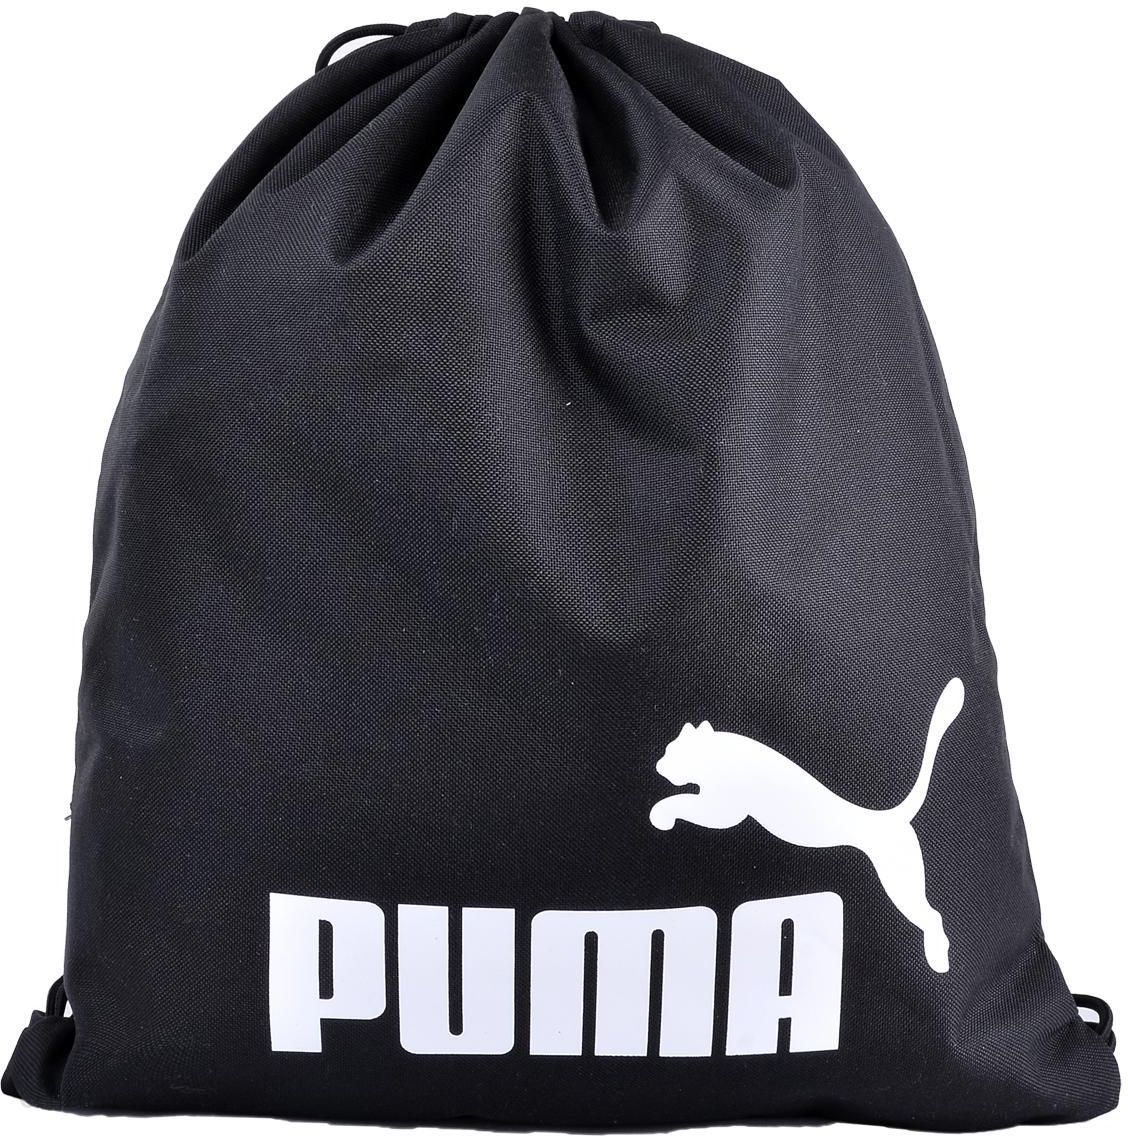 Worek Puma Plecak Torba Na Buty (074943 01) B r Ceny i opinie Ceneo.pl